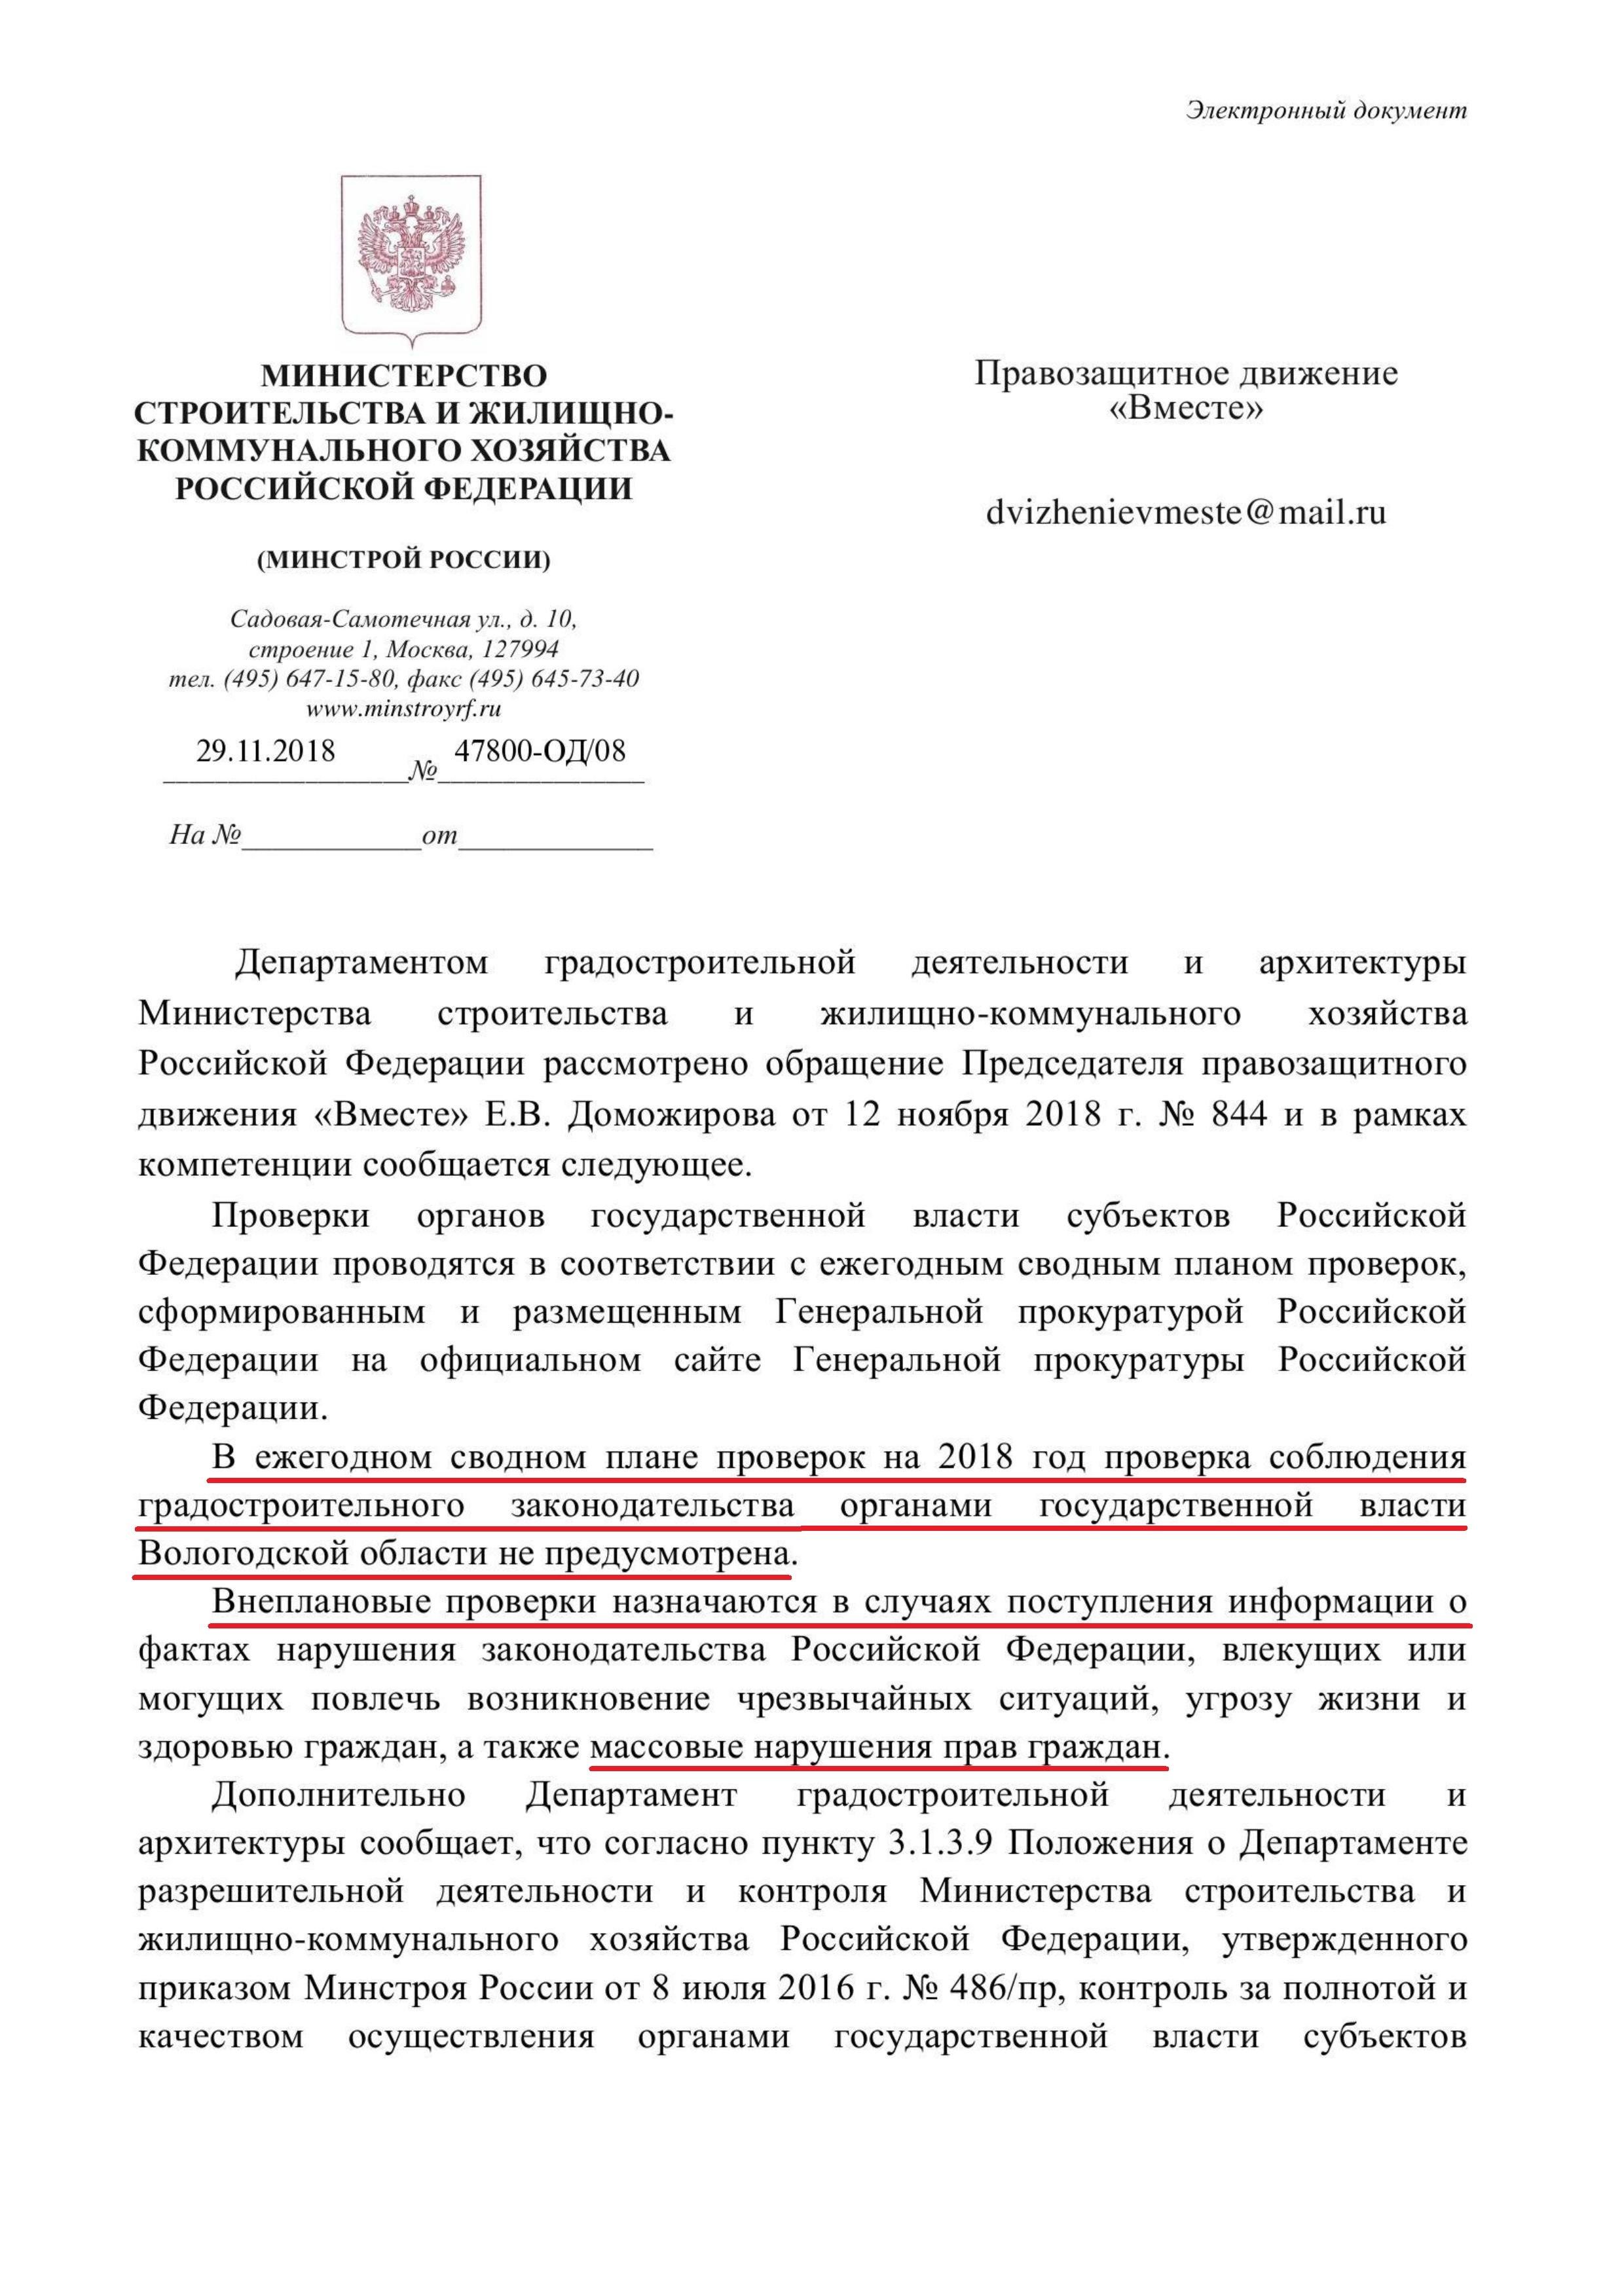 Алматы порча тротуаров административное нарушение